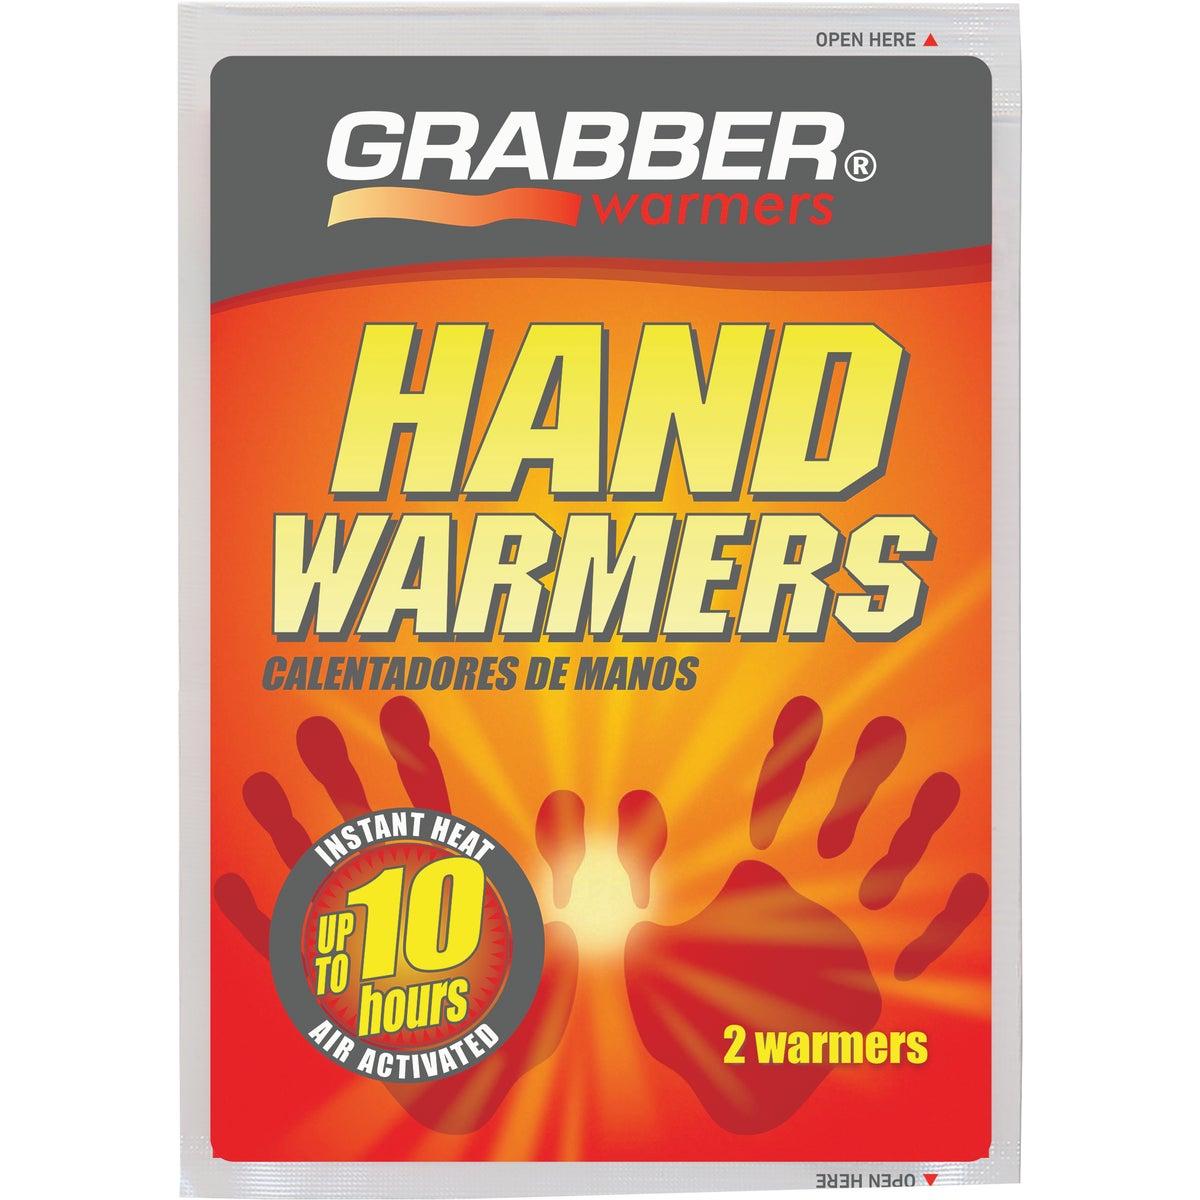 7+ HOUR HAND WARMER